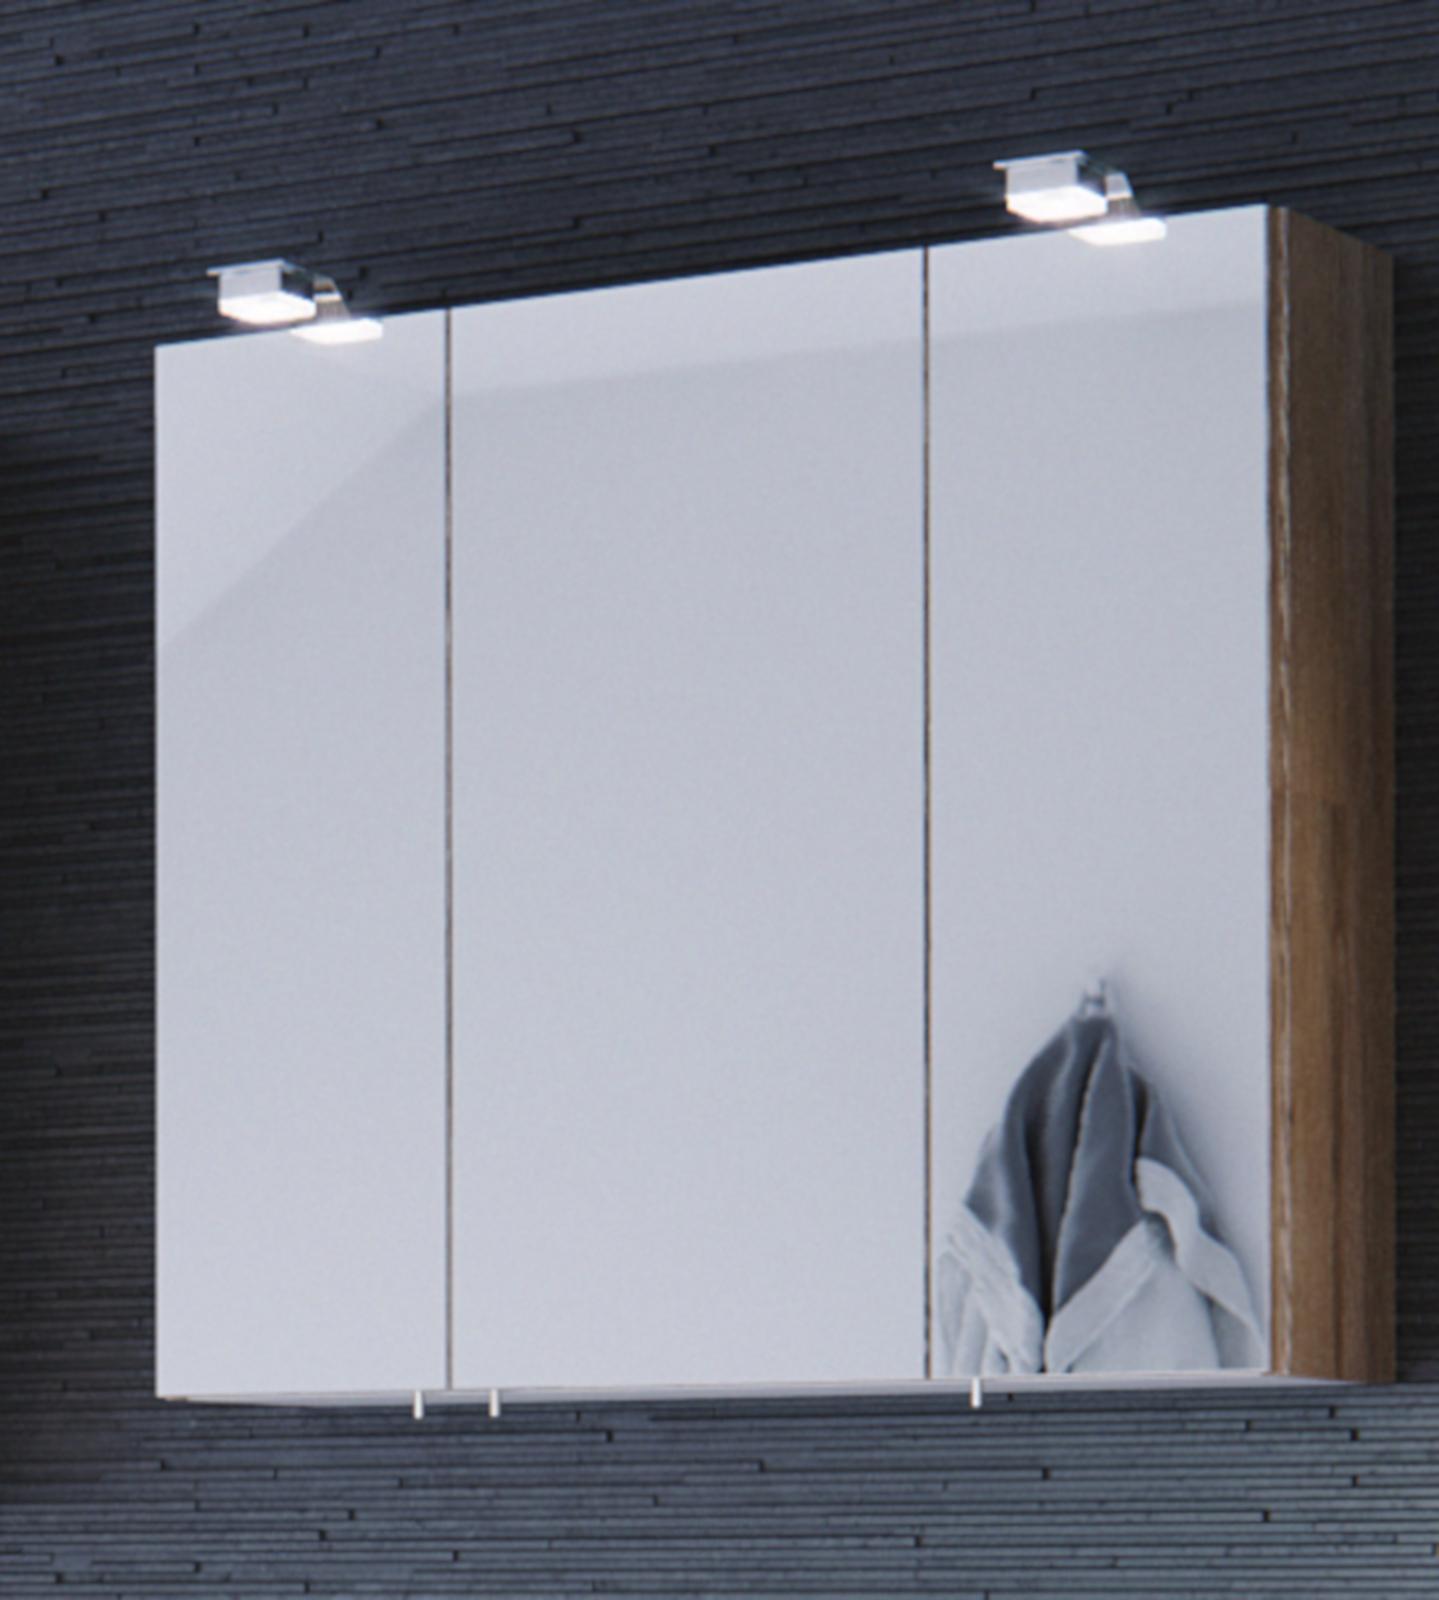 Badmöbel Spiegelschrank Salona Sonoma-Eiche-weiß